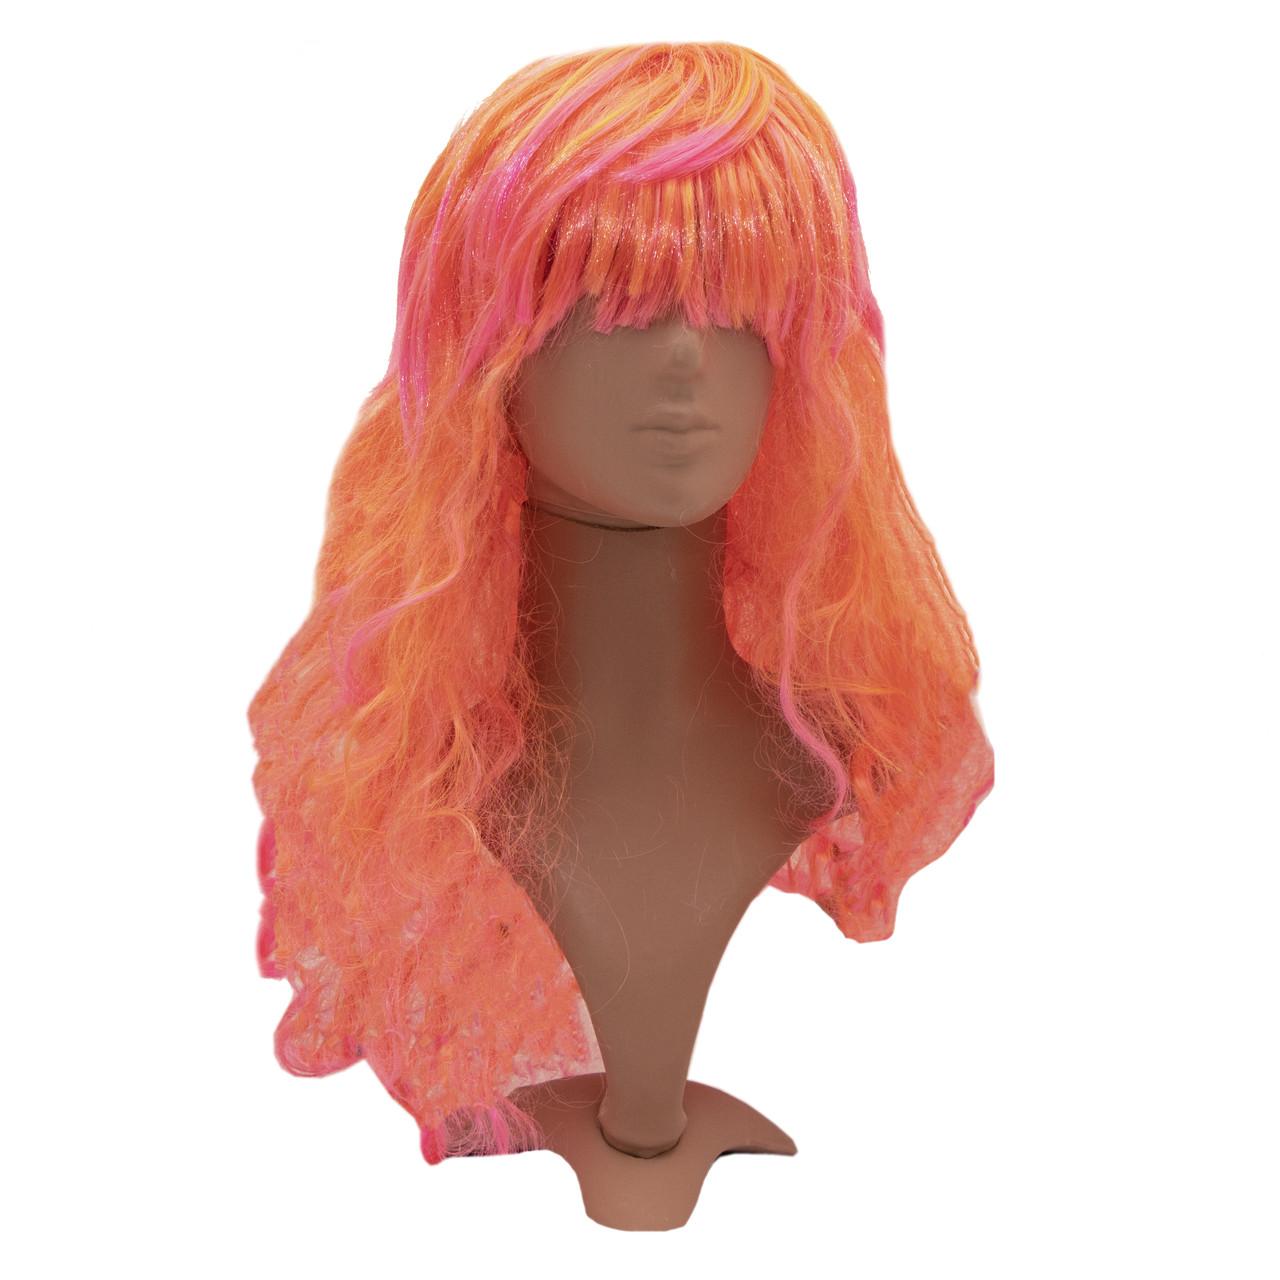 Карнавальный парик, 48-50 см, оранжевый, синтетическое волокно (461806)